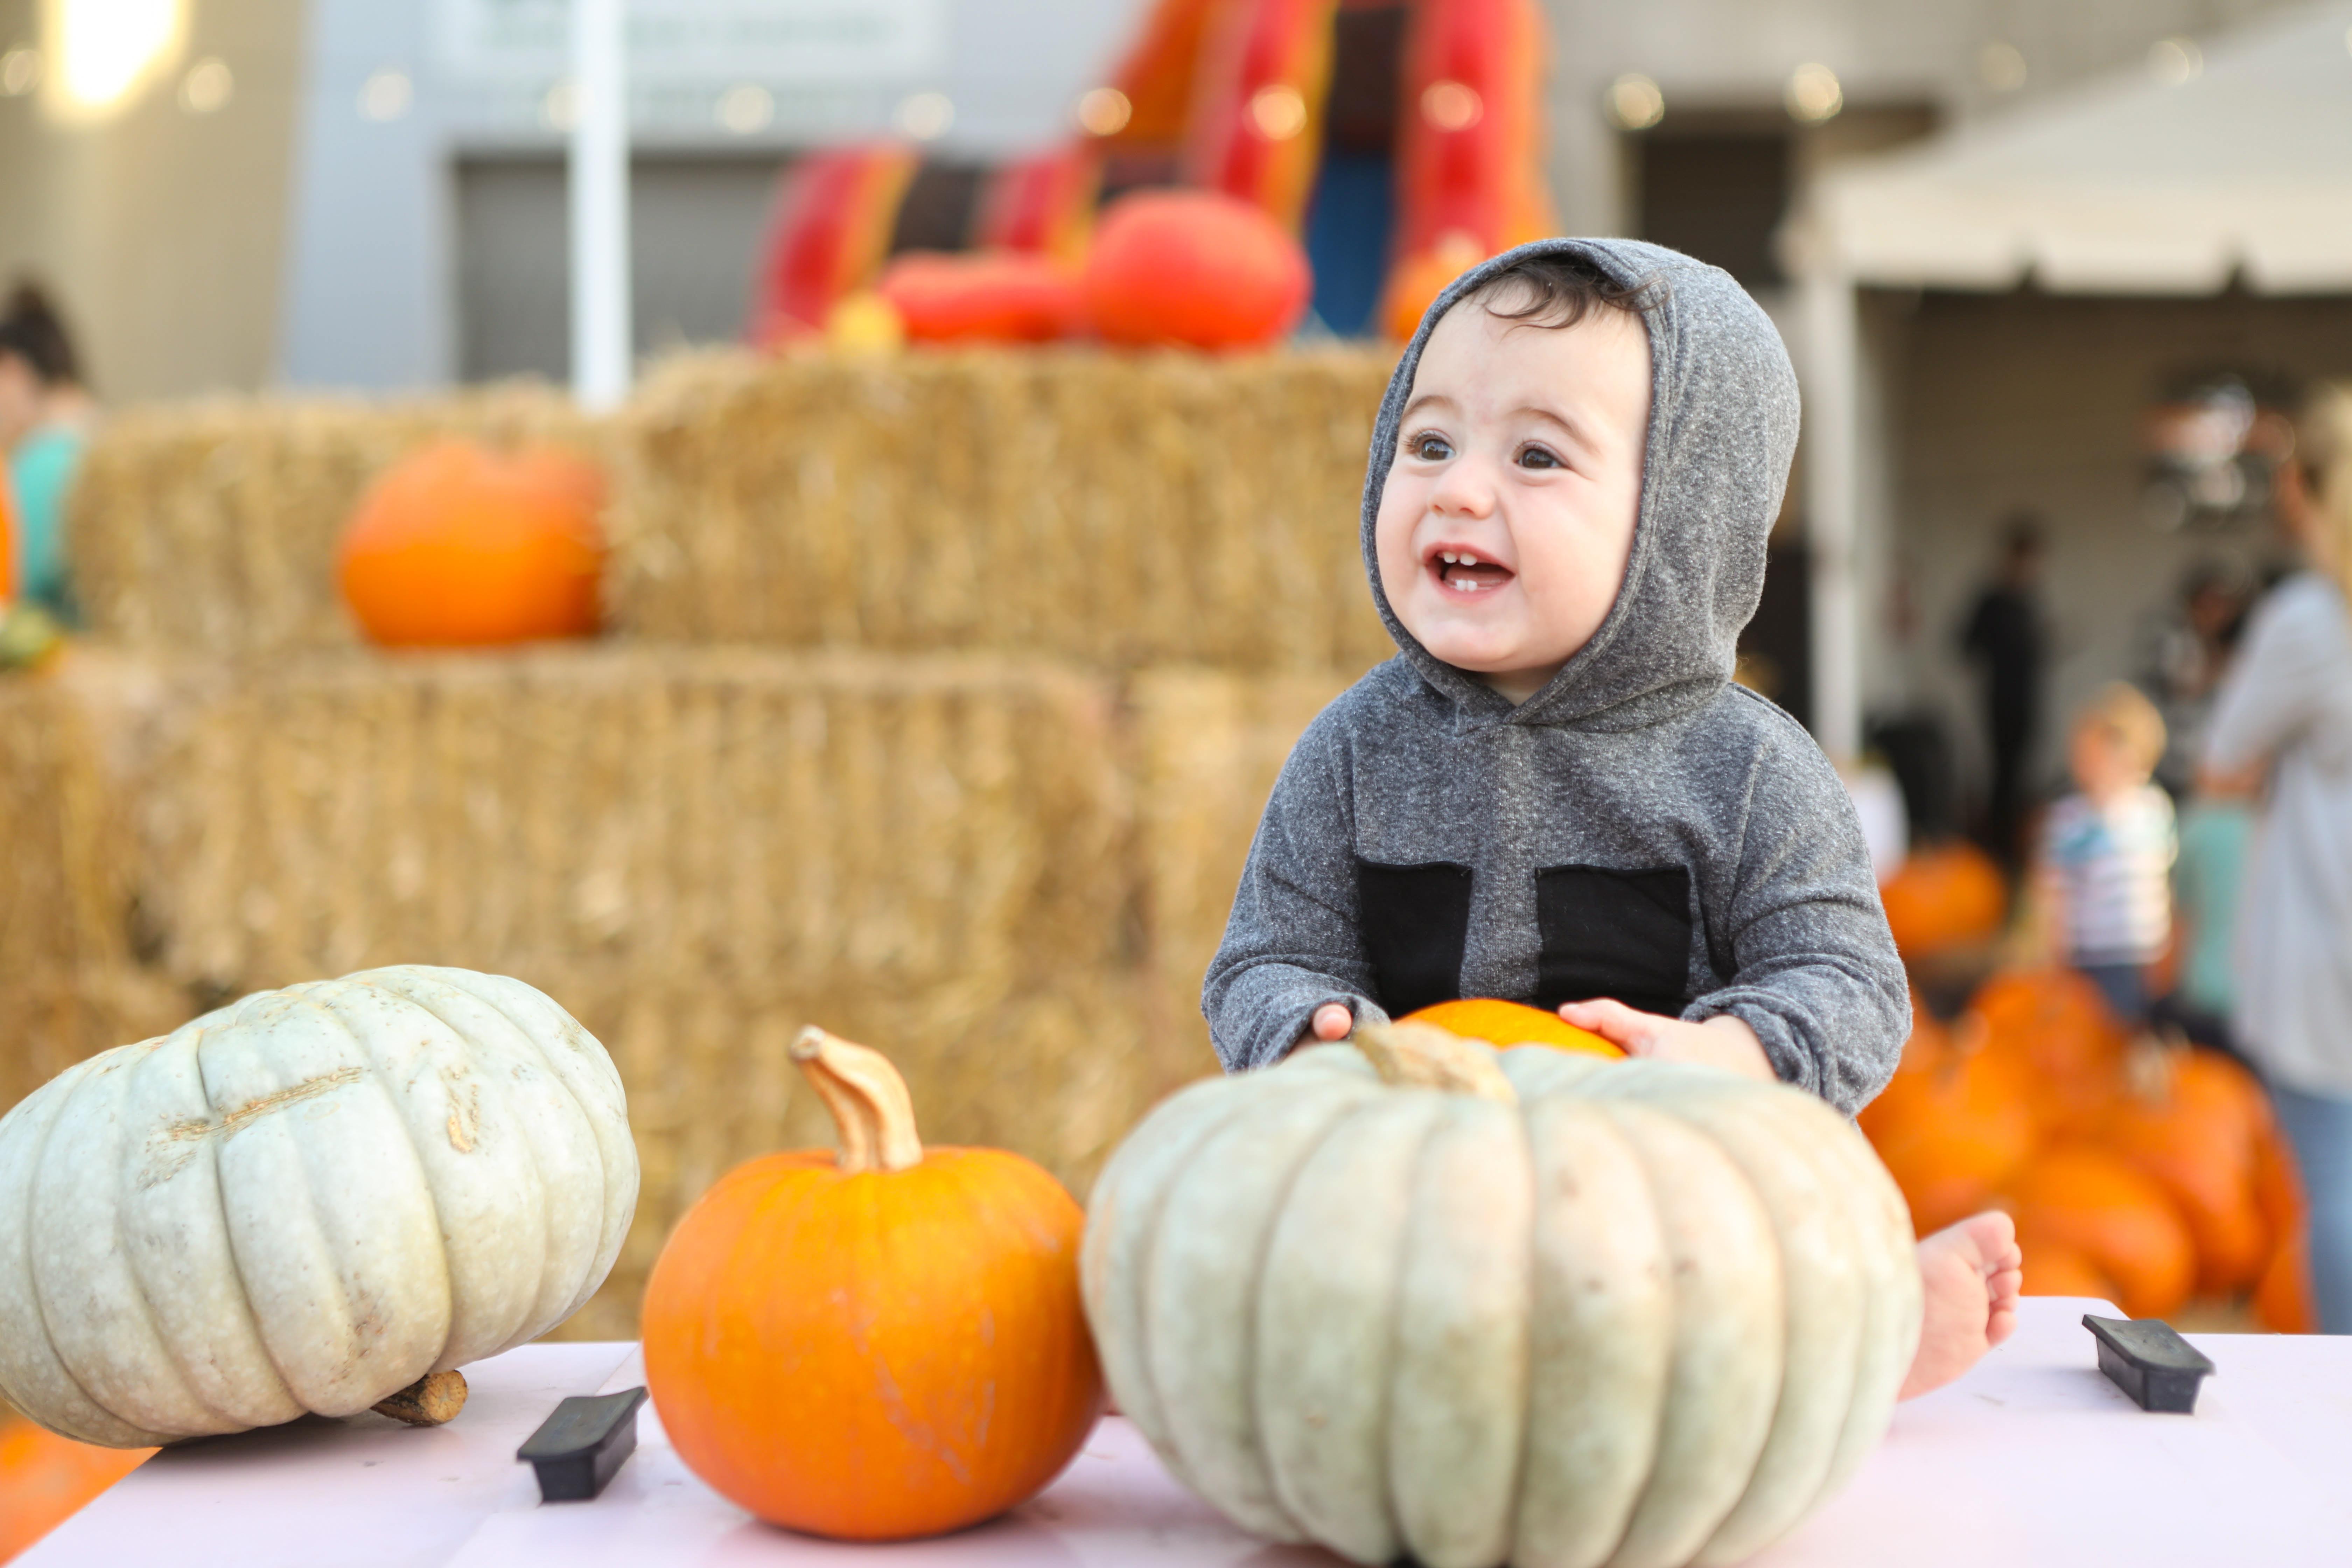 photo of little kid inside pumpkin